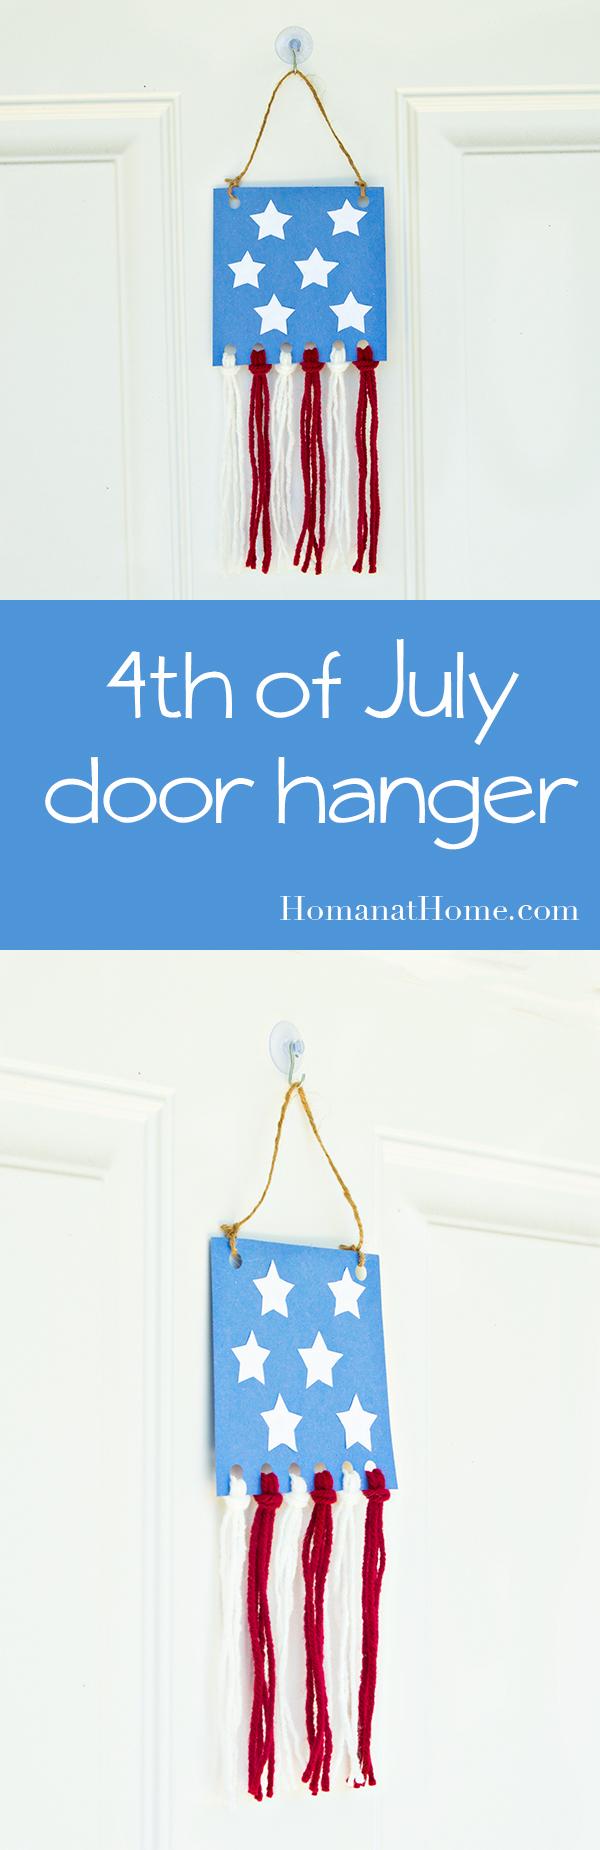 4th of July Door Hanger | Homan at Home